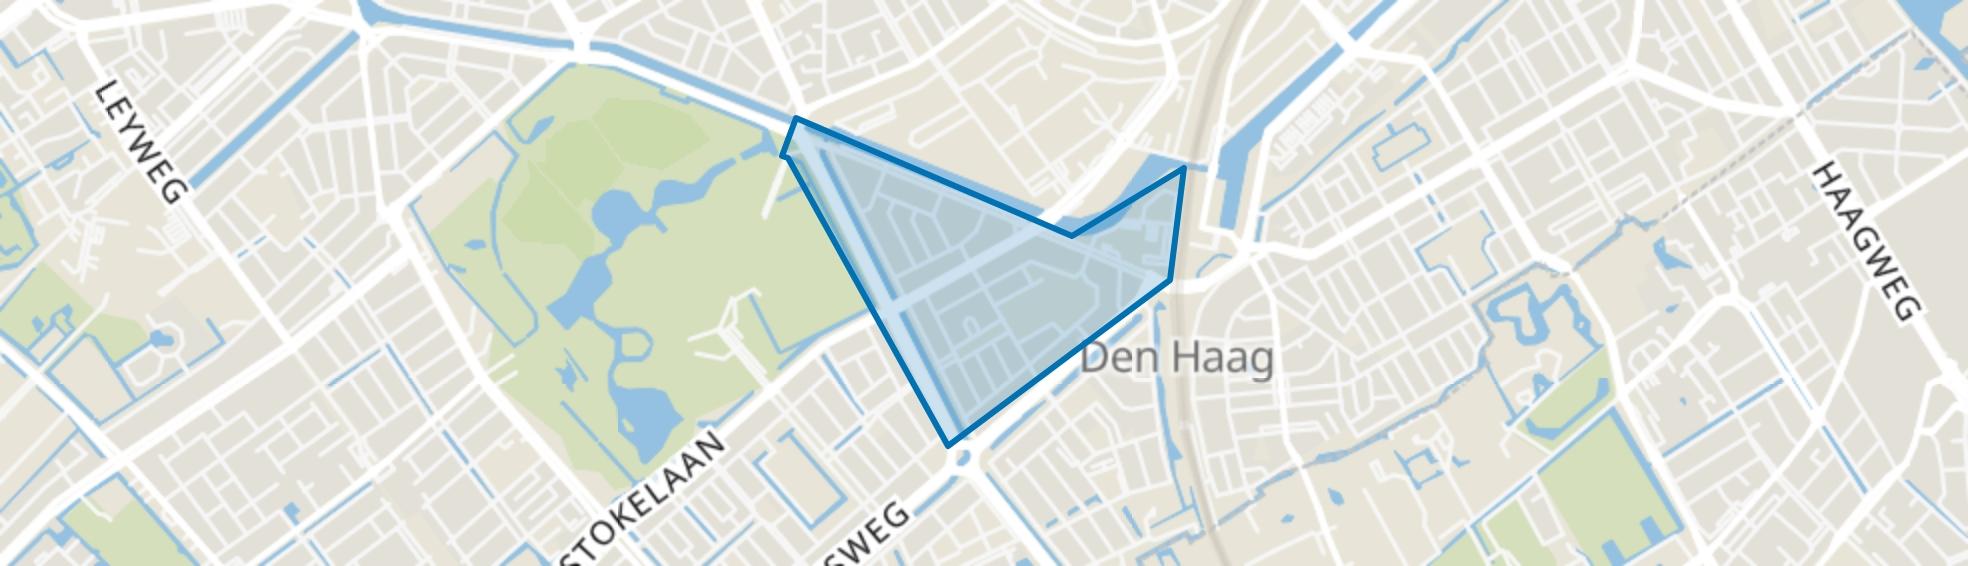 Moerwijk-Noord, Den Haag map